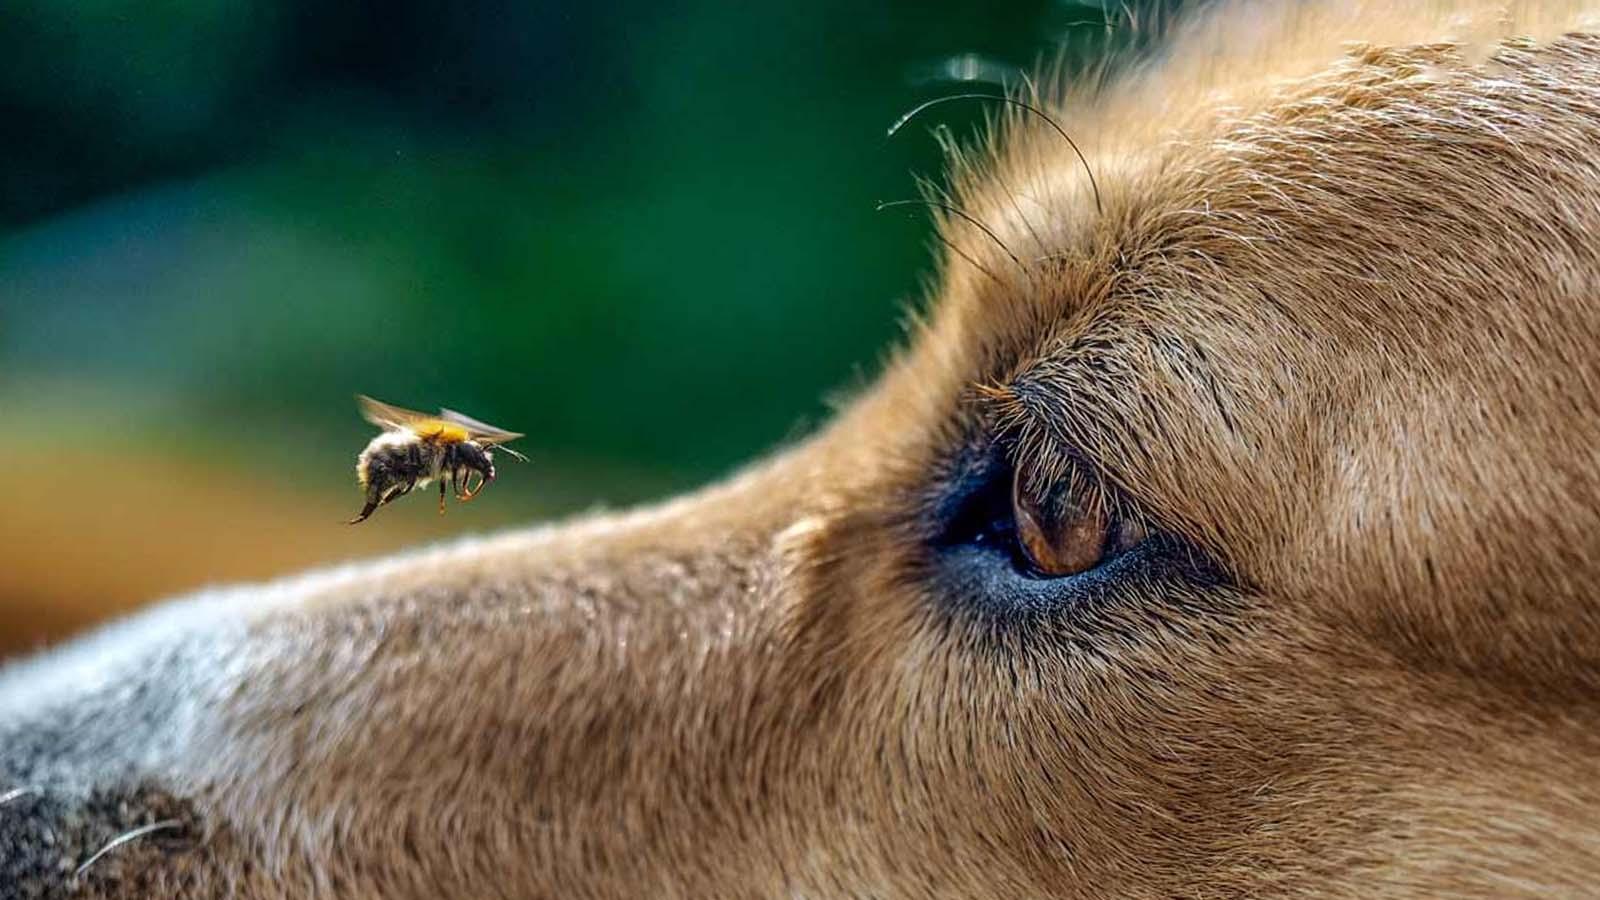 mi perro se comió una abeja